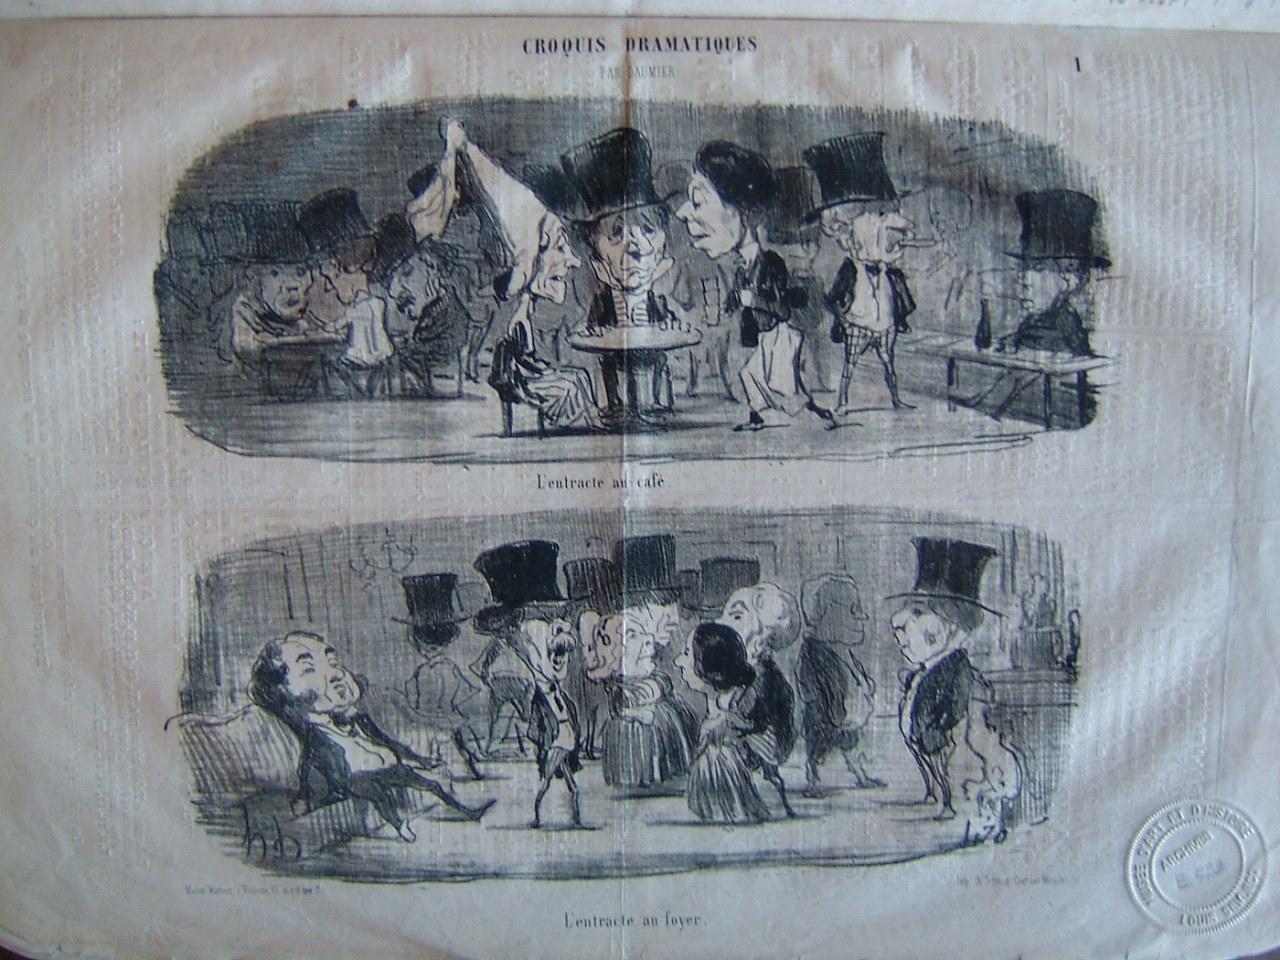 DAUMIER Honoré : Le Charivari : Croquis dramatiques par Daumier : L'entracte au café, l'entracte au foyer